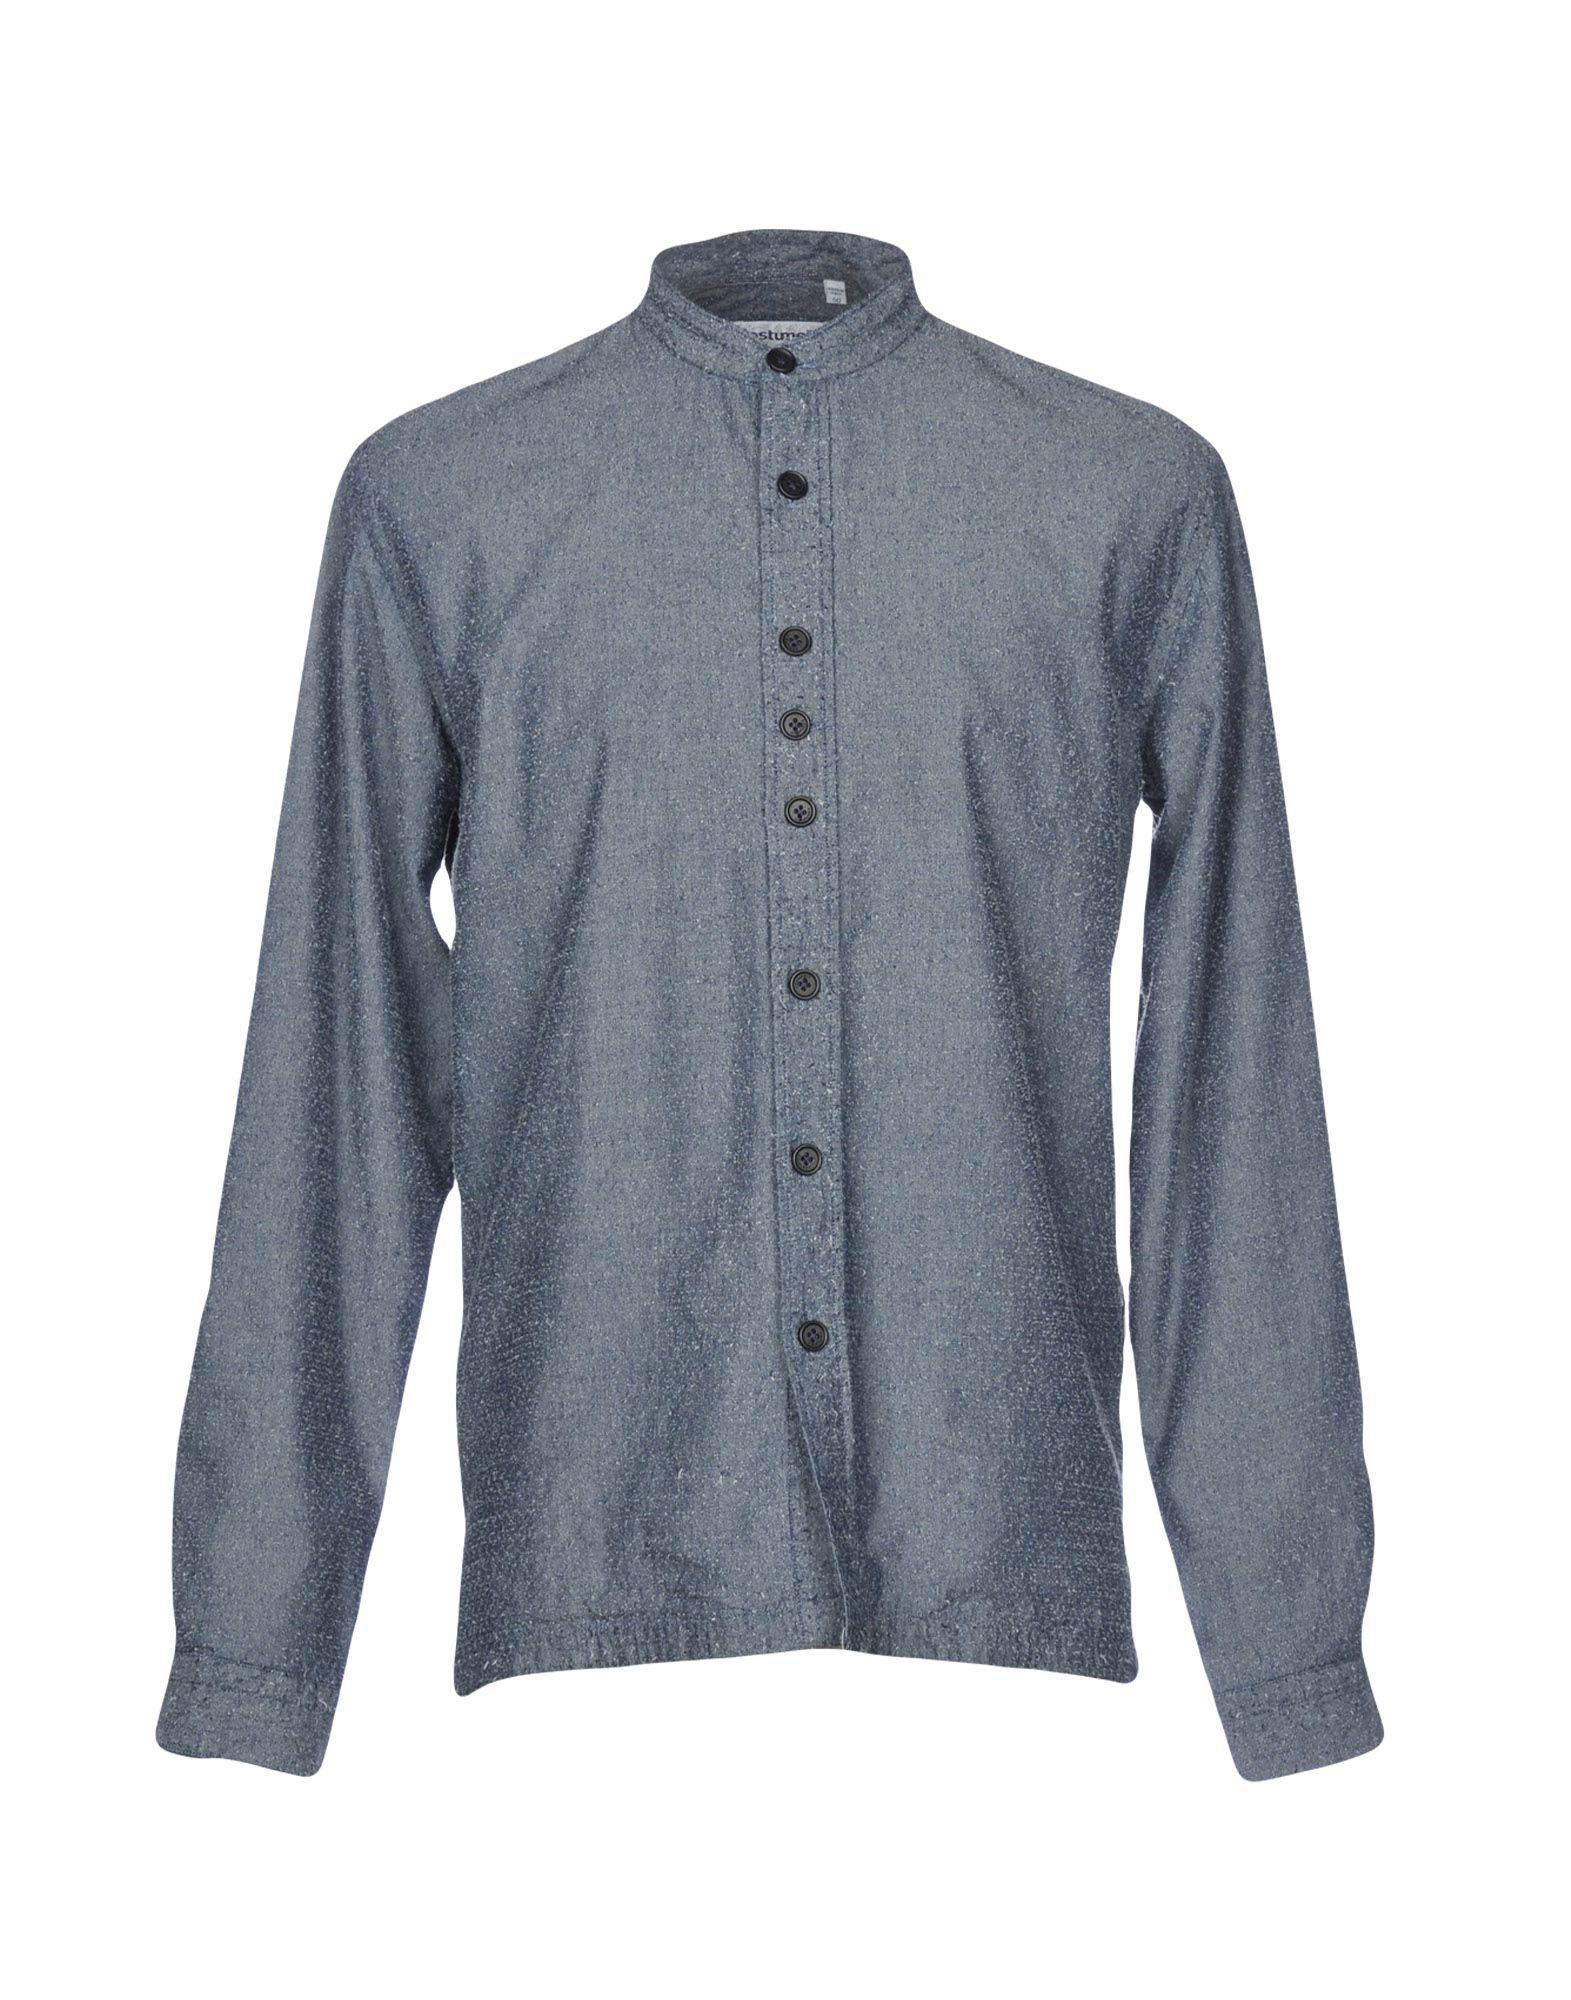 《送料無料》COSTUMEIN メンズ シャツ ブルーグレー 50 コットン 100%